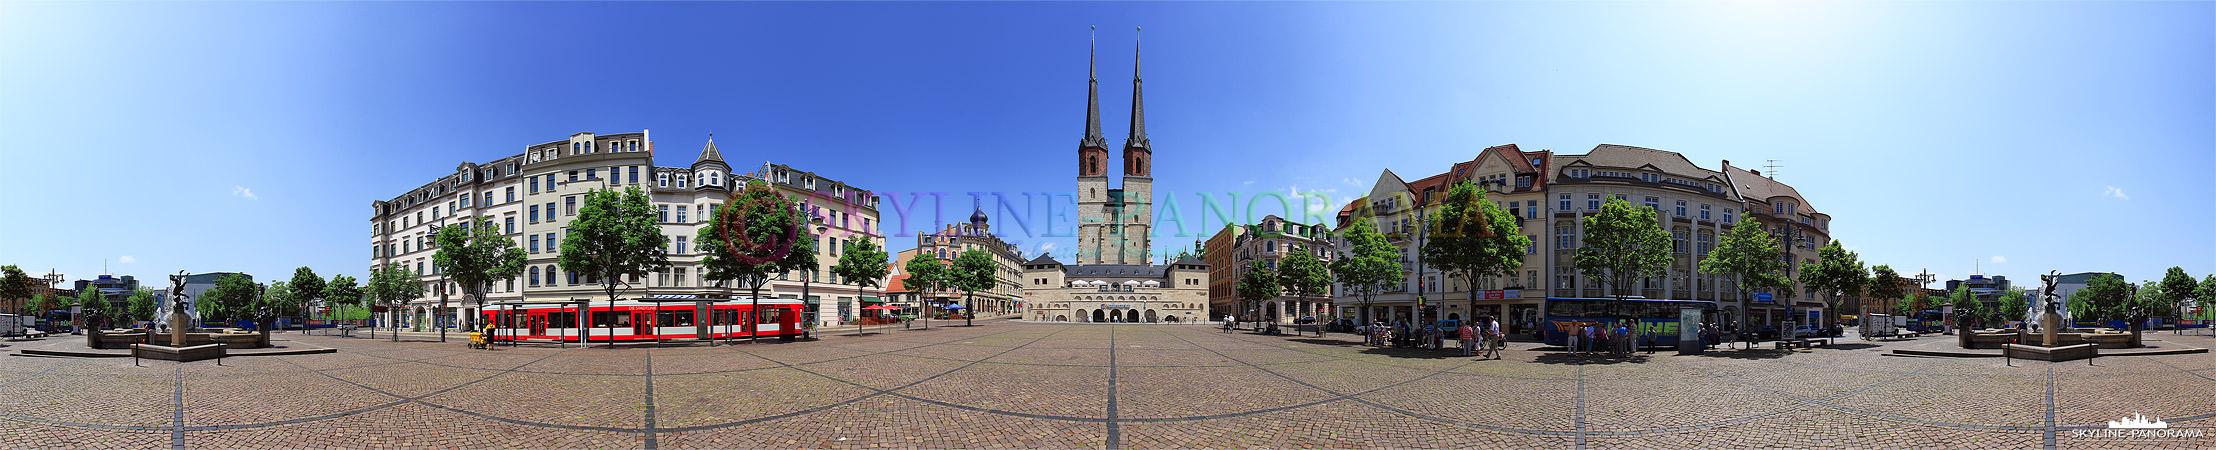 Panorama Halle (Saale) - Dieses Panorama zeigt den Hallmakt, dieser Platz ist unterhalb des Marktplatzes gelegen und gehört zu einen der ältesten Teile der Stadt - im Zenrum der Aufnahme ist die Marienkirche zu sehen.